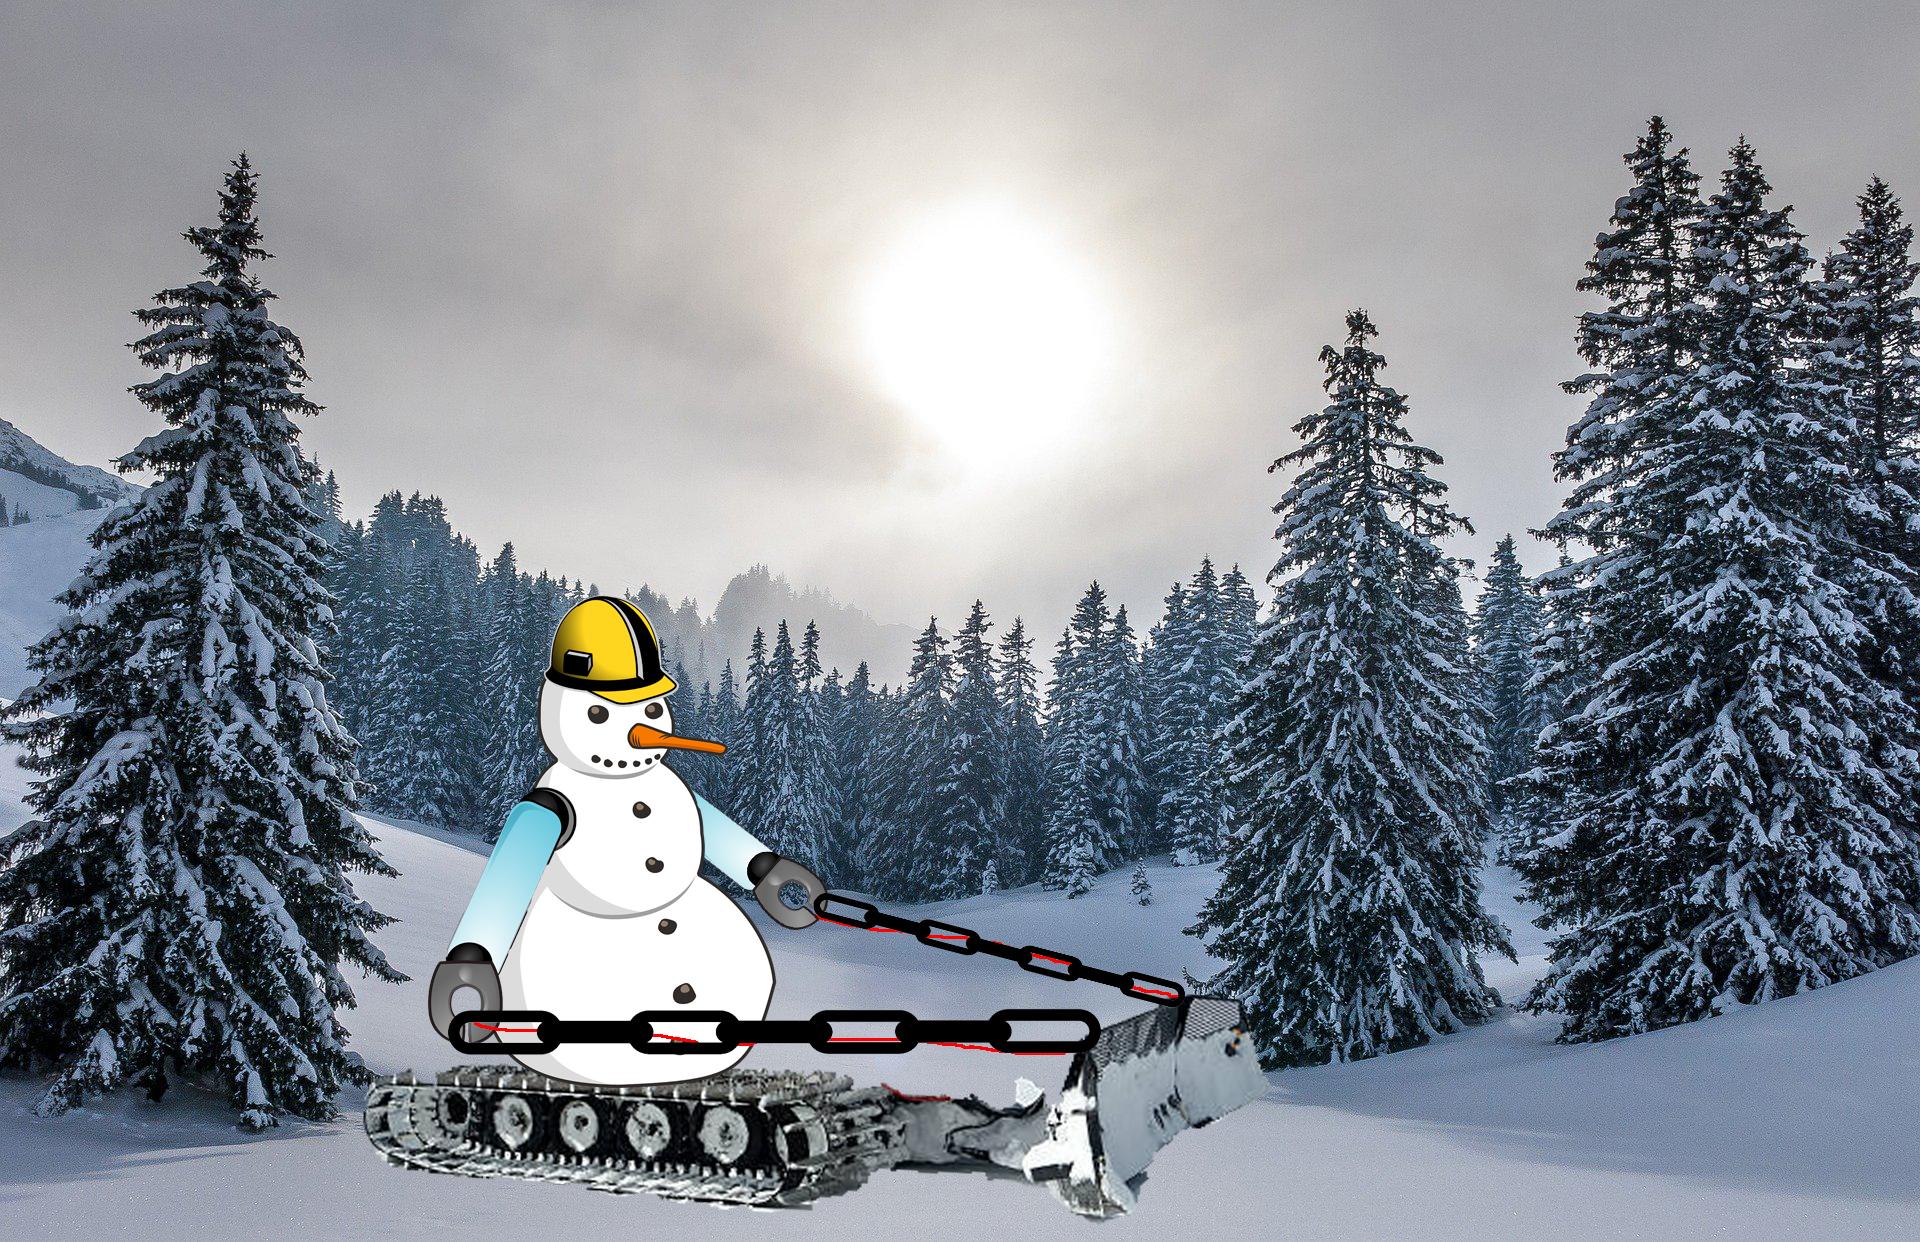 schneemann-roboter-4acij1e.jpg